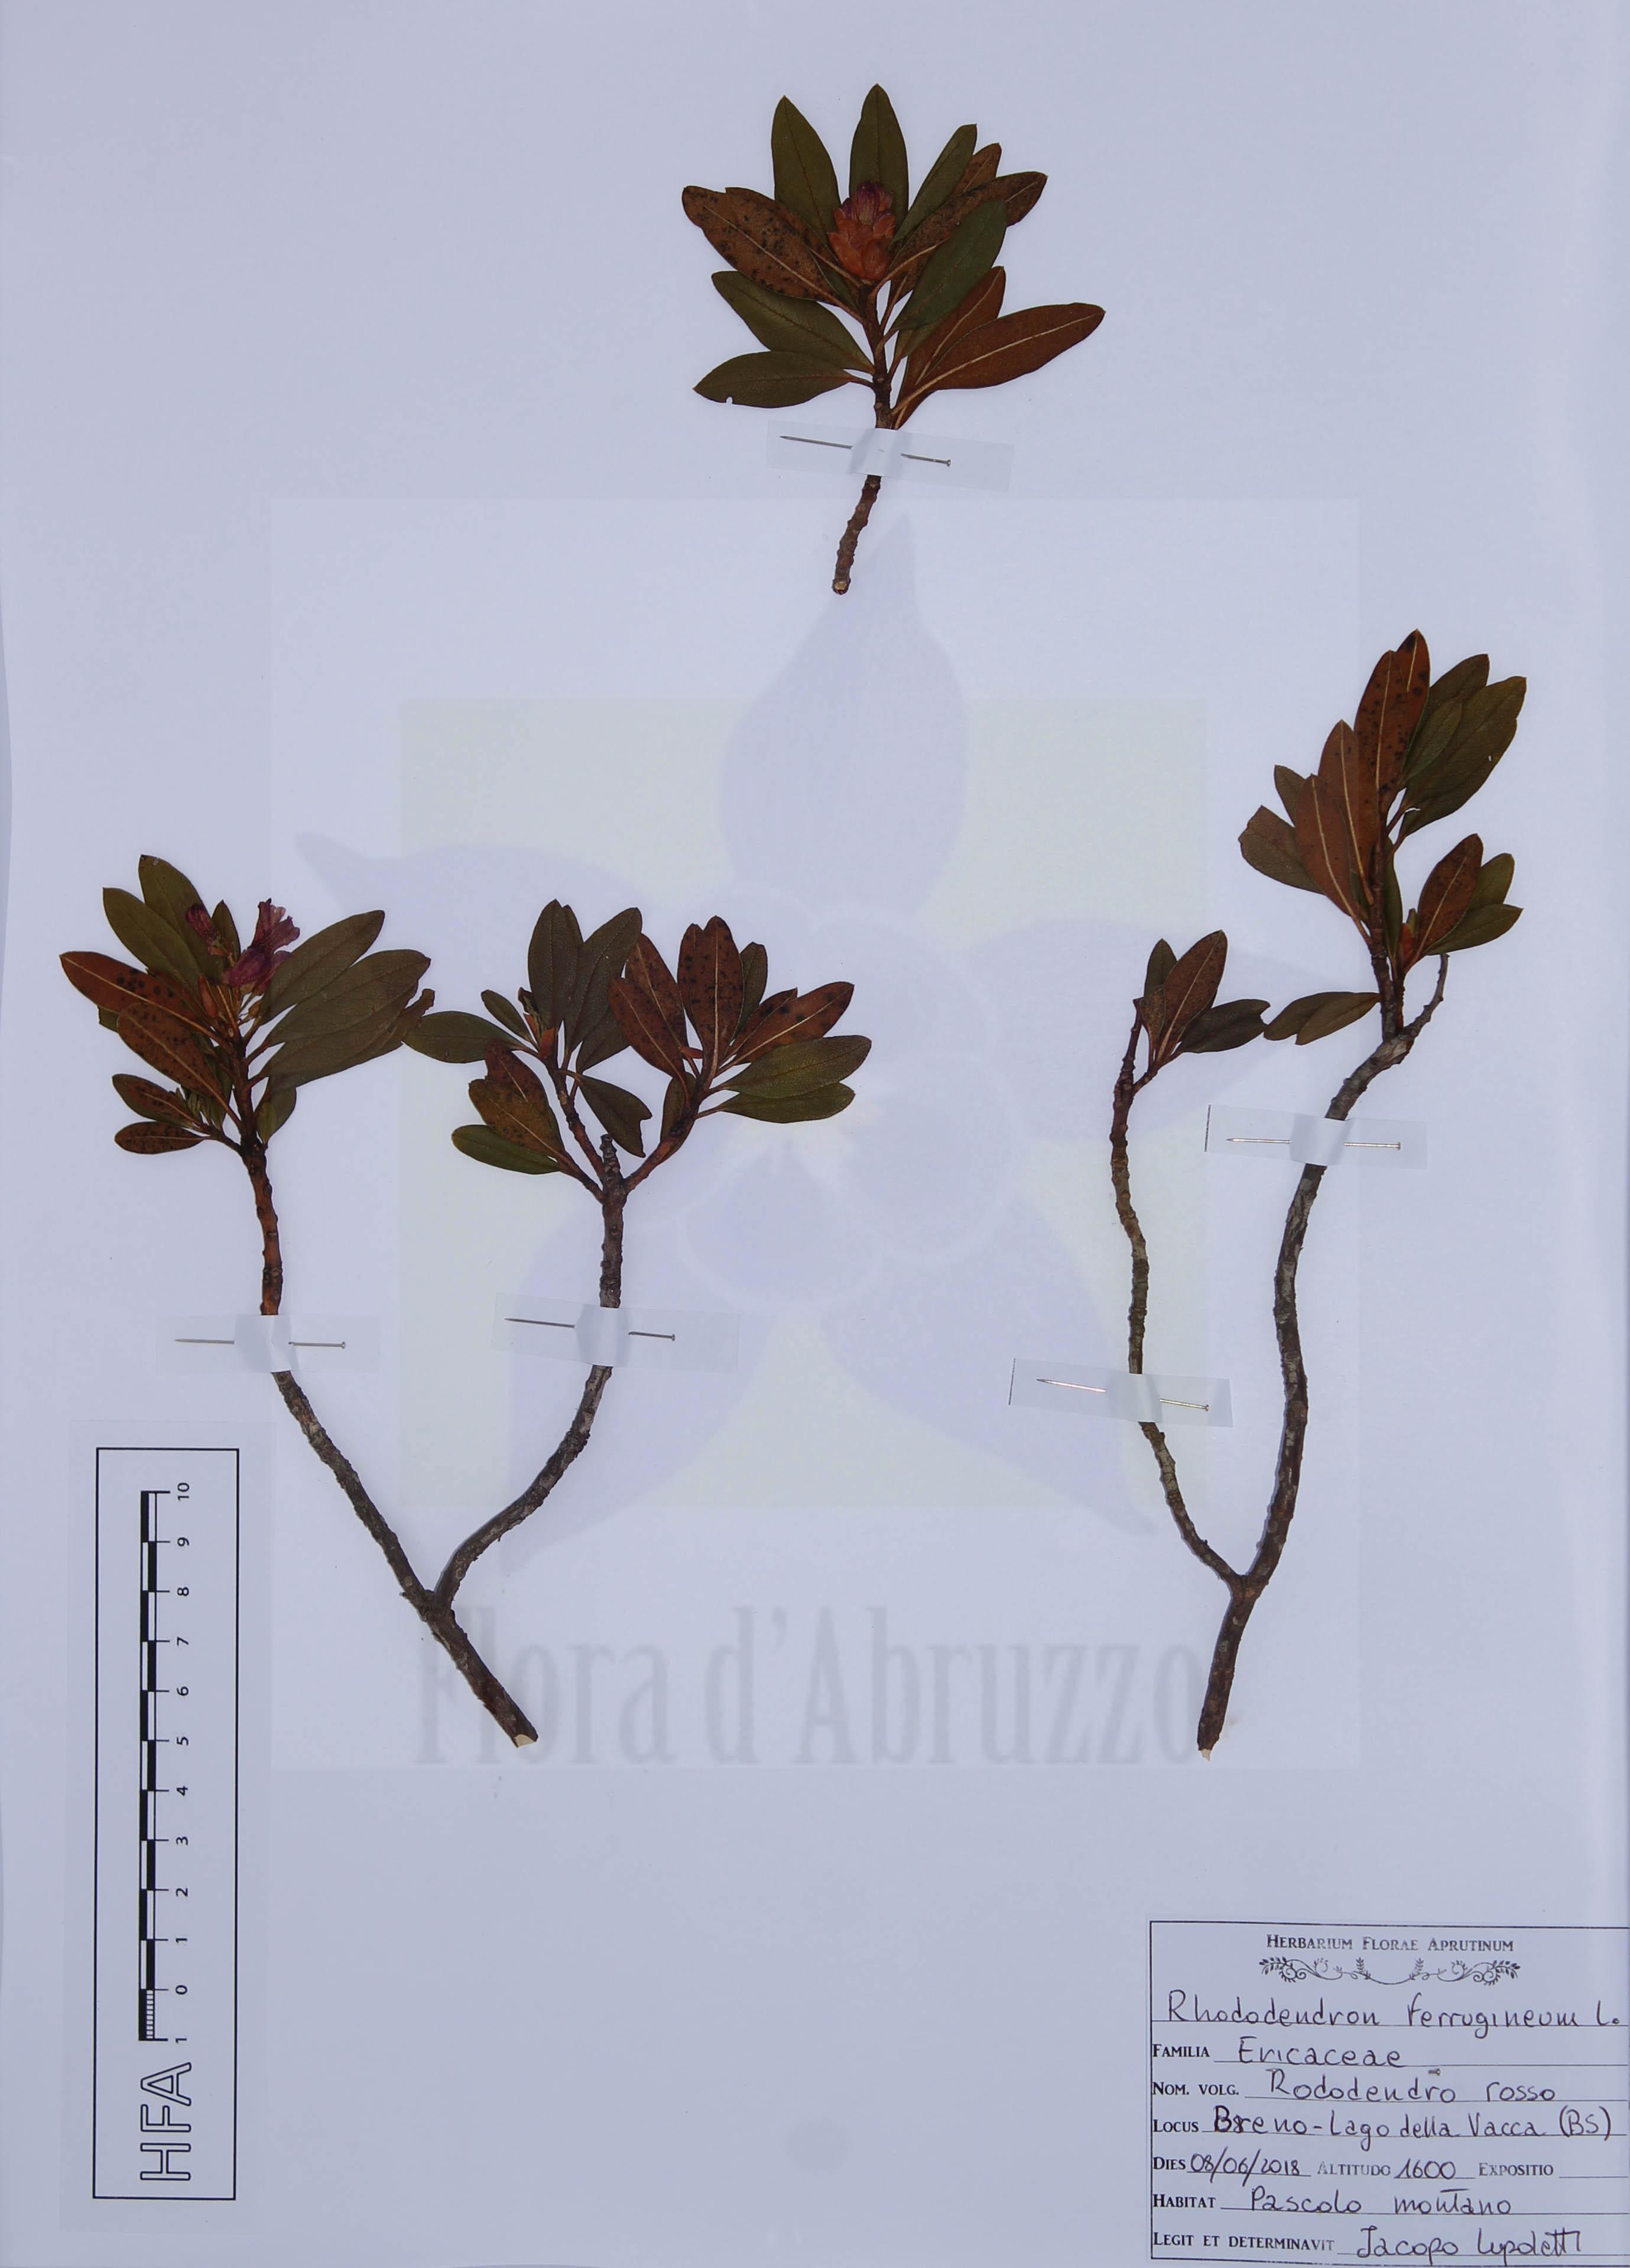 Rhododendron ferrigineum L.